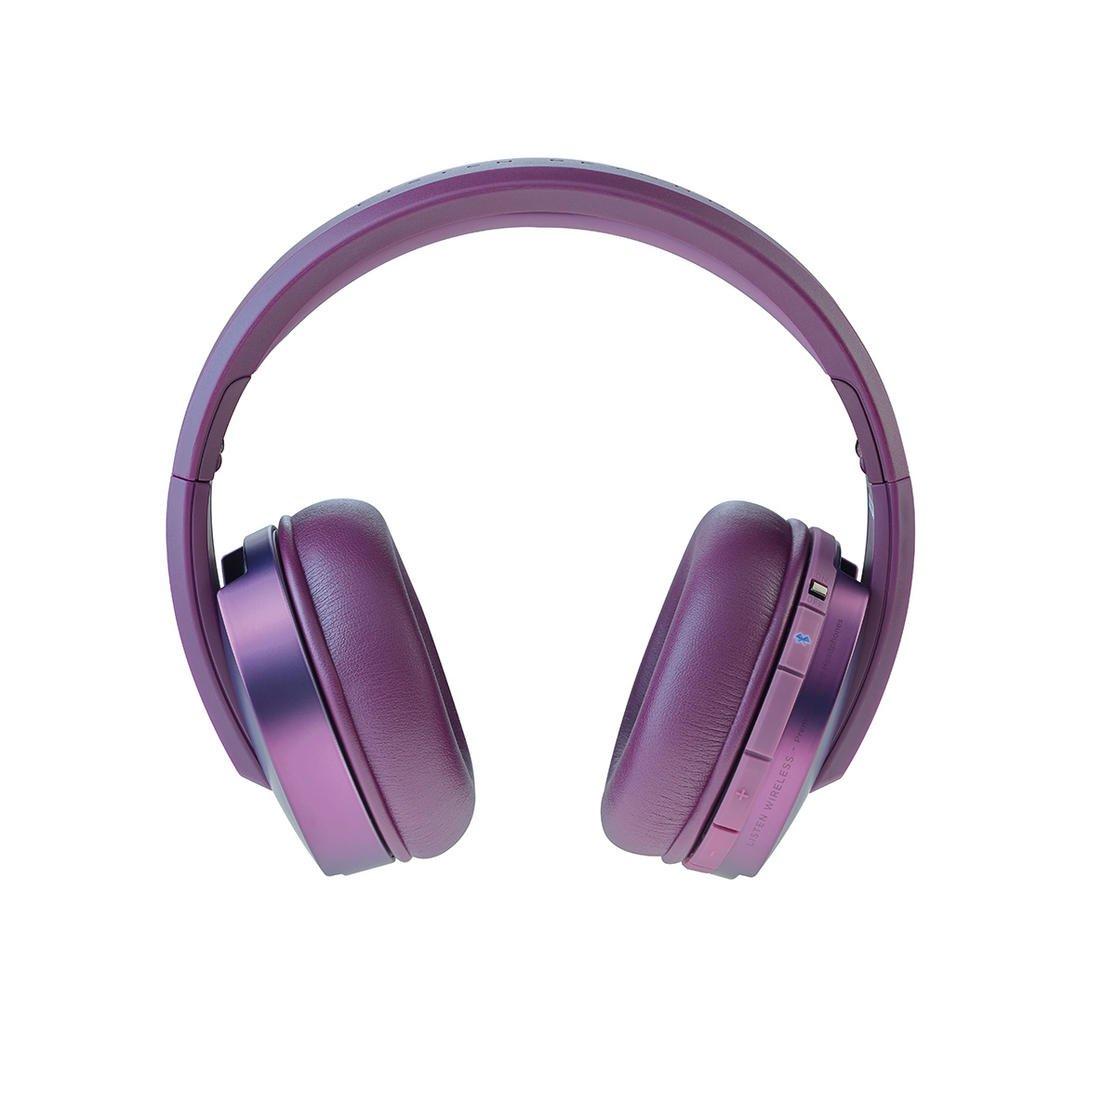 Focal Listen CHIC Wireless vezeték nélküli fejhallgató lila színben ... d853271fb2